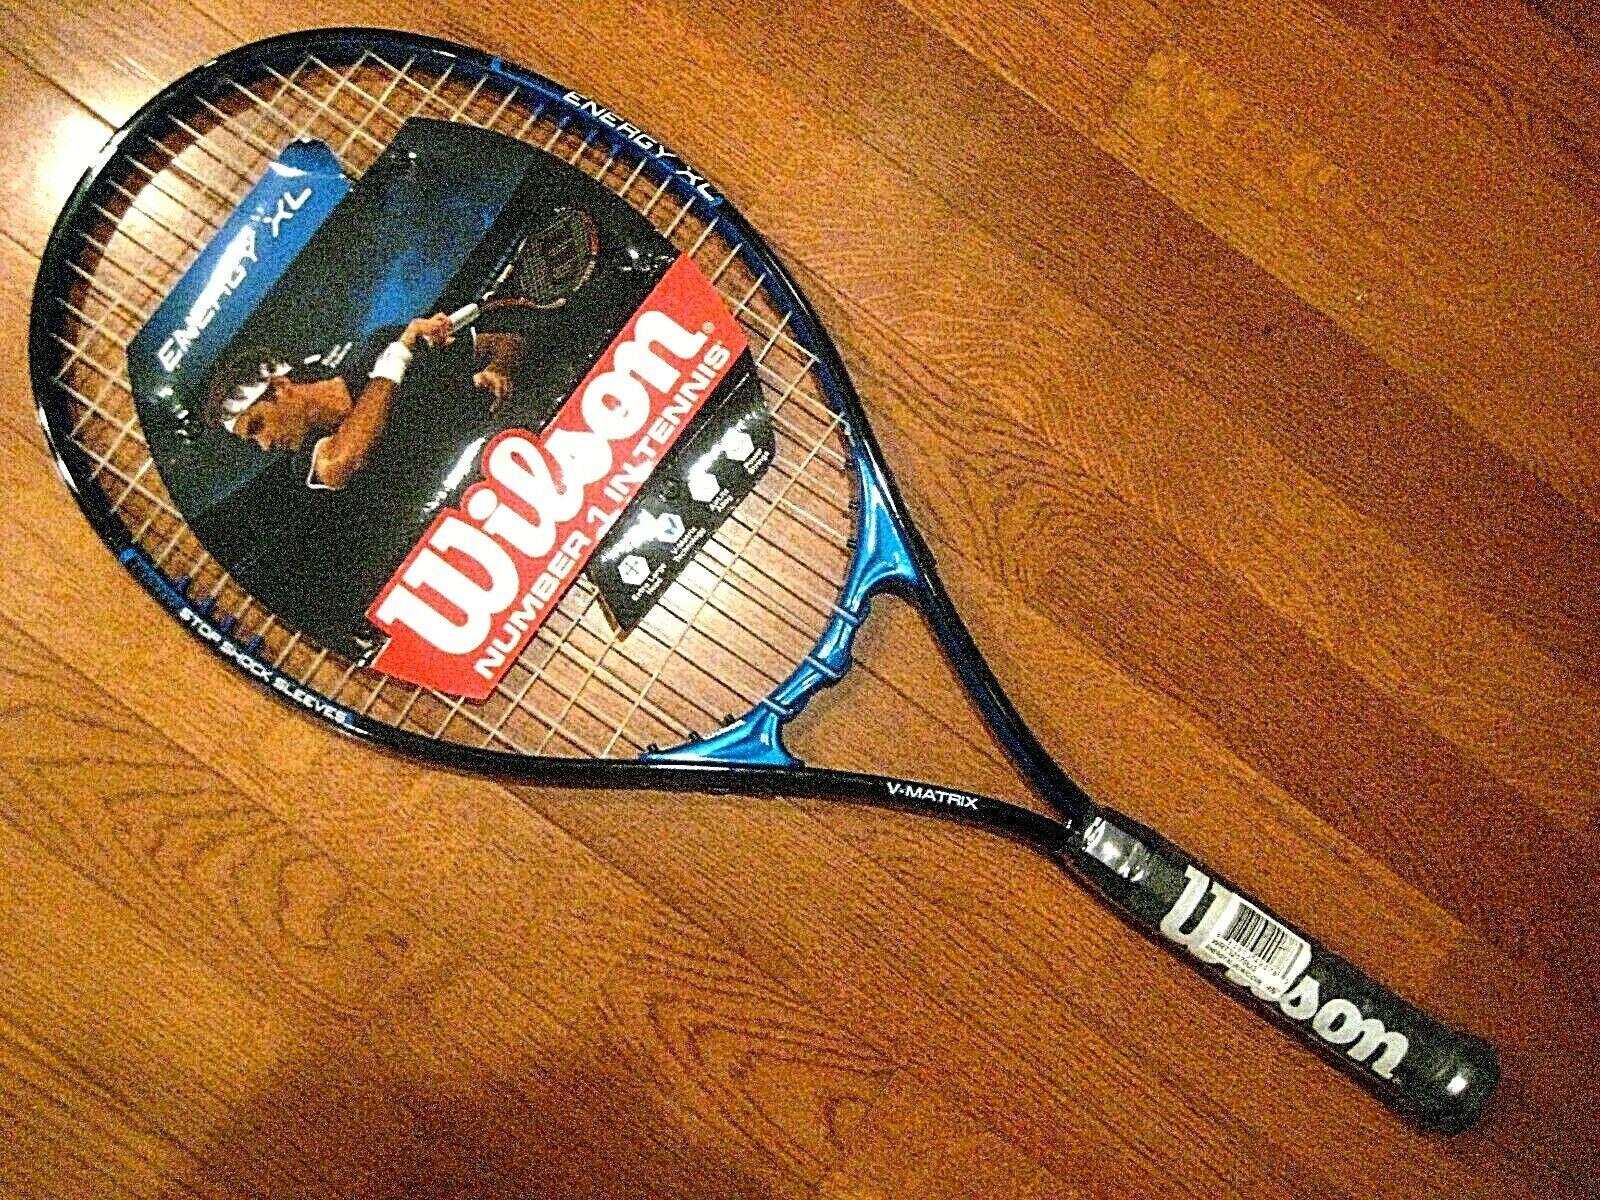 energy xl tennis racquet brand new strung